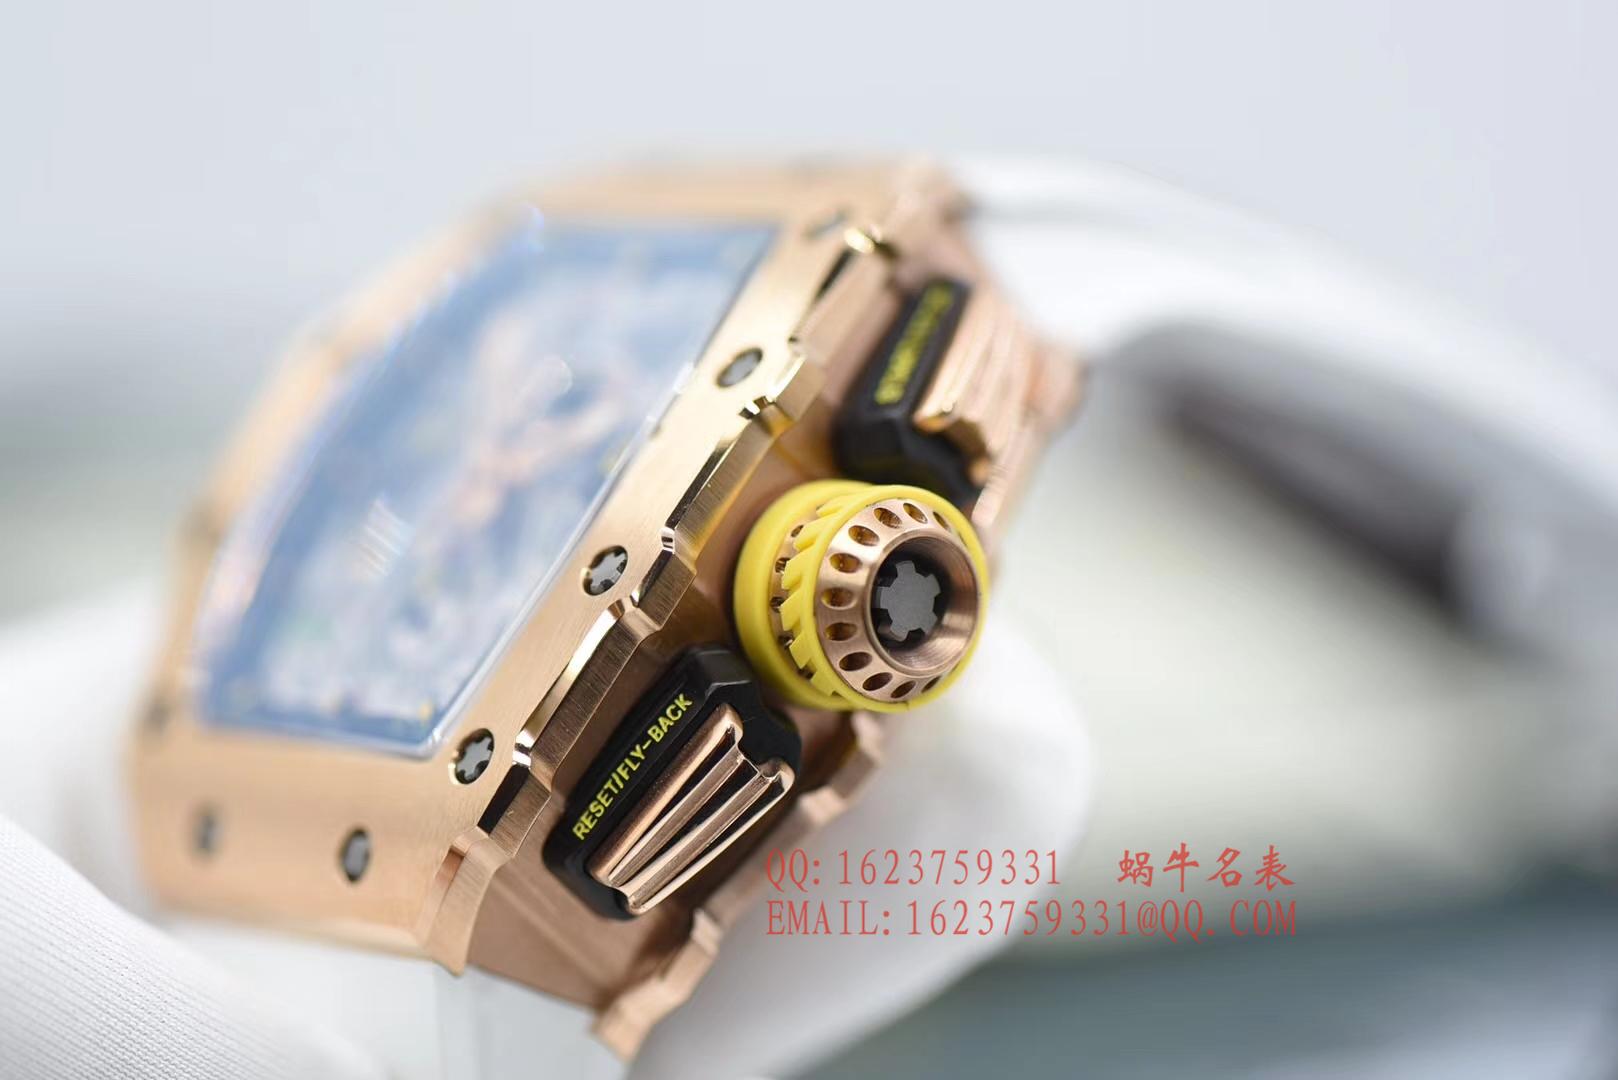 【独家视频评测KV厂顶级复刻手表】里查德米尔RICHARD MILLE男士系列RM 11-03RG腕表 / RM 011D